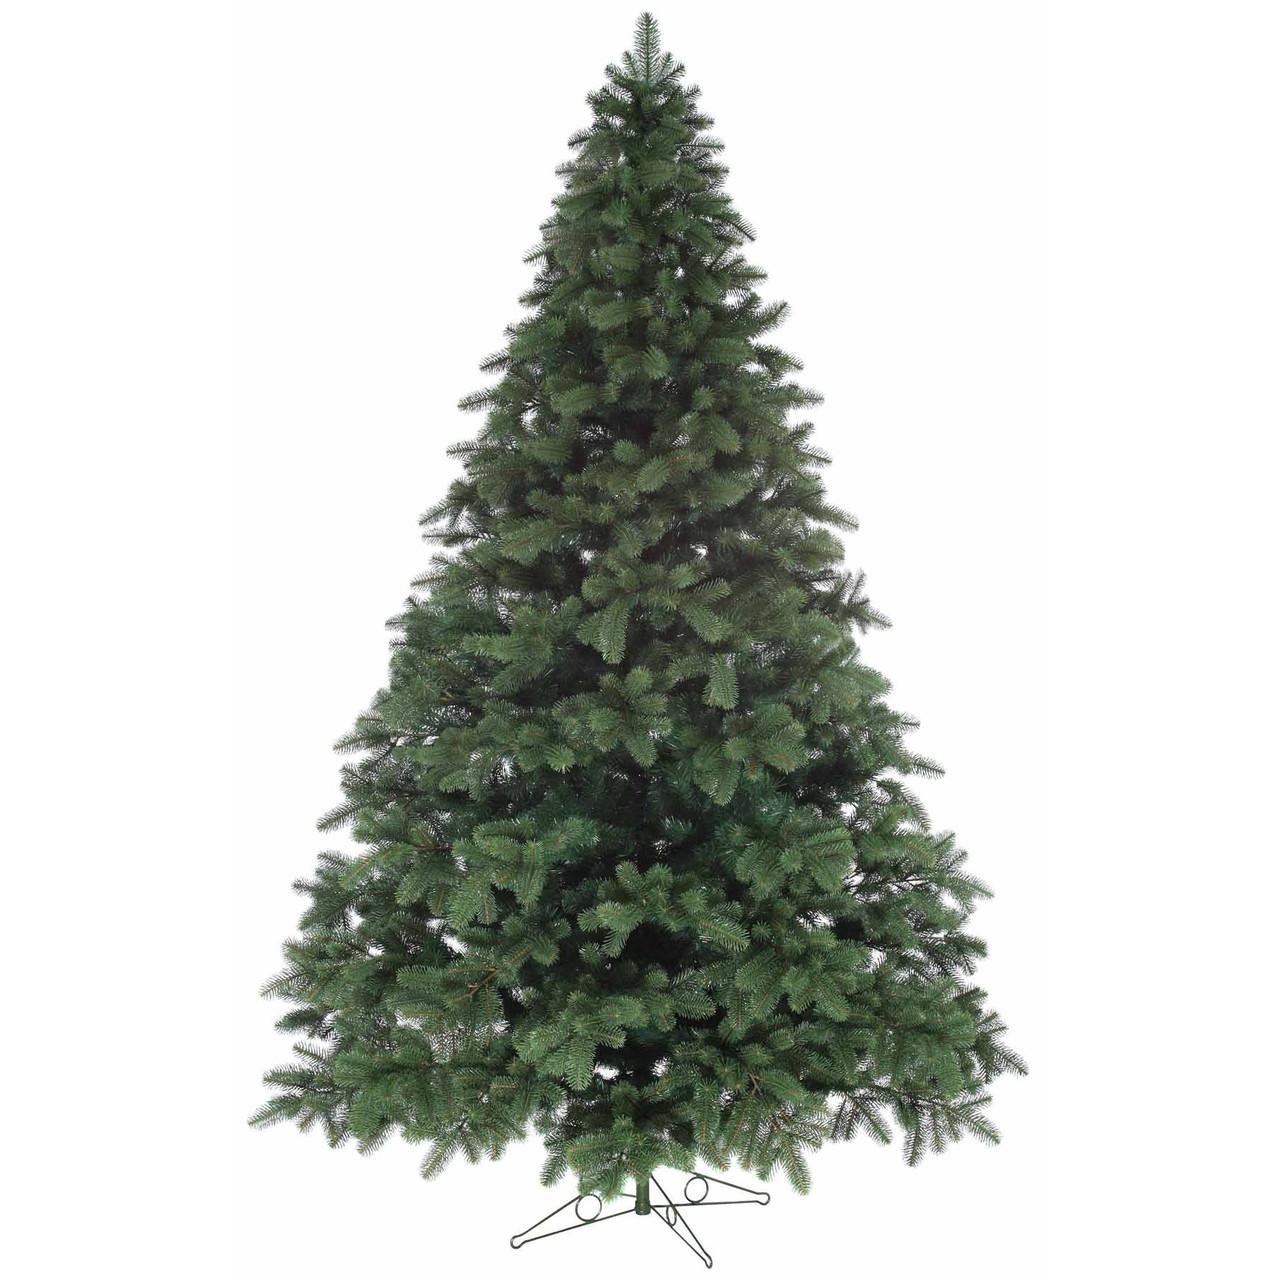 Литая искусственная елка 1,8 метра зеленая ель